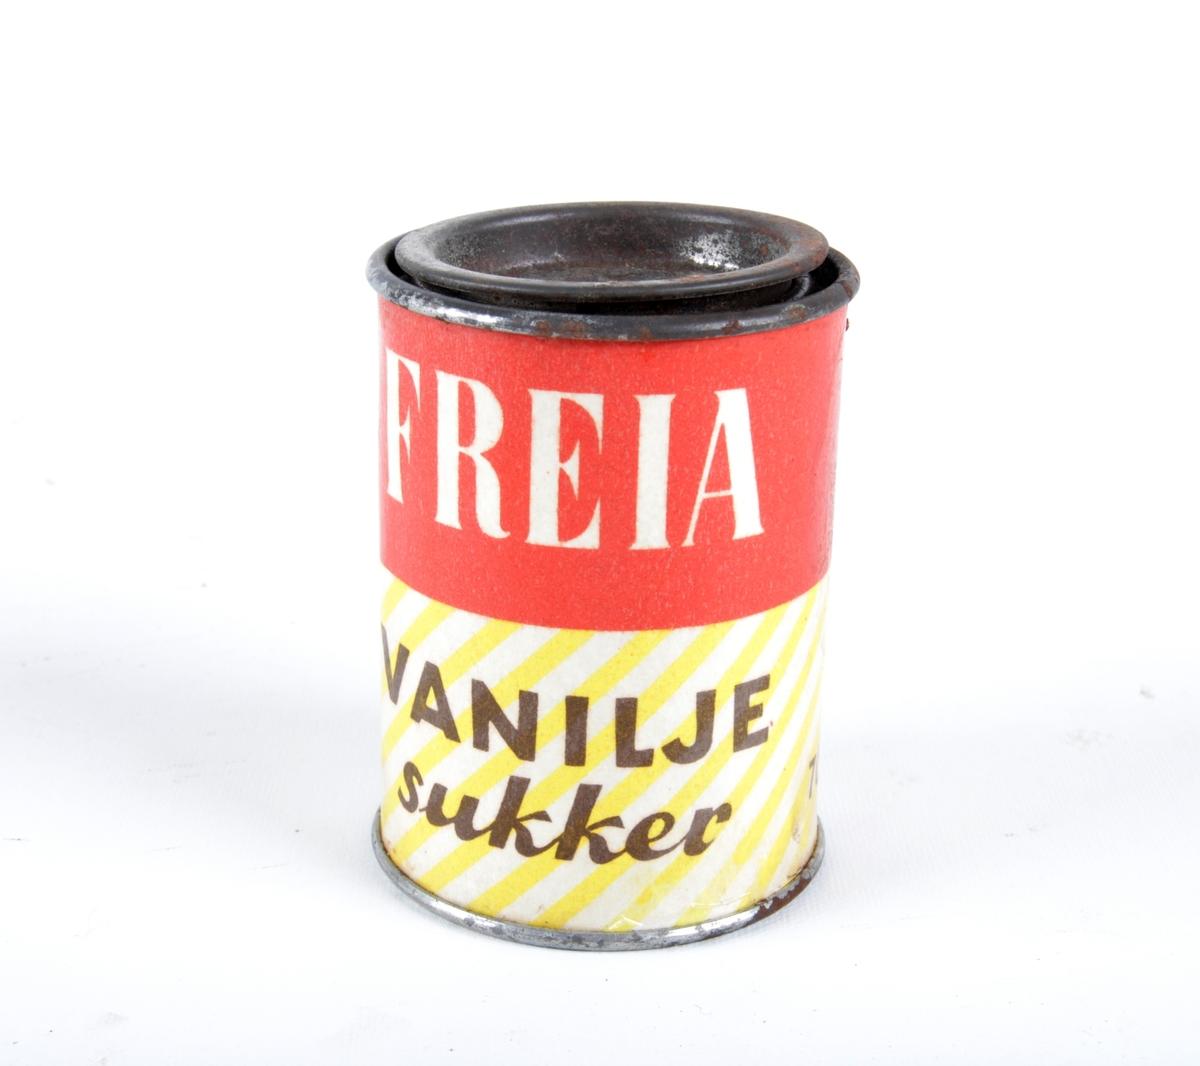 Boks med lokk til vaniljesukker.